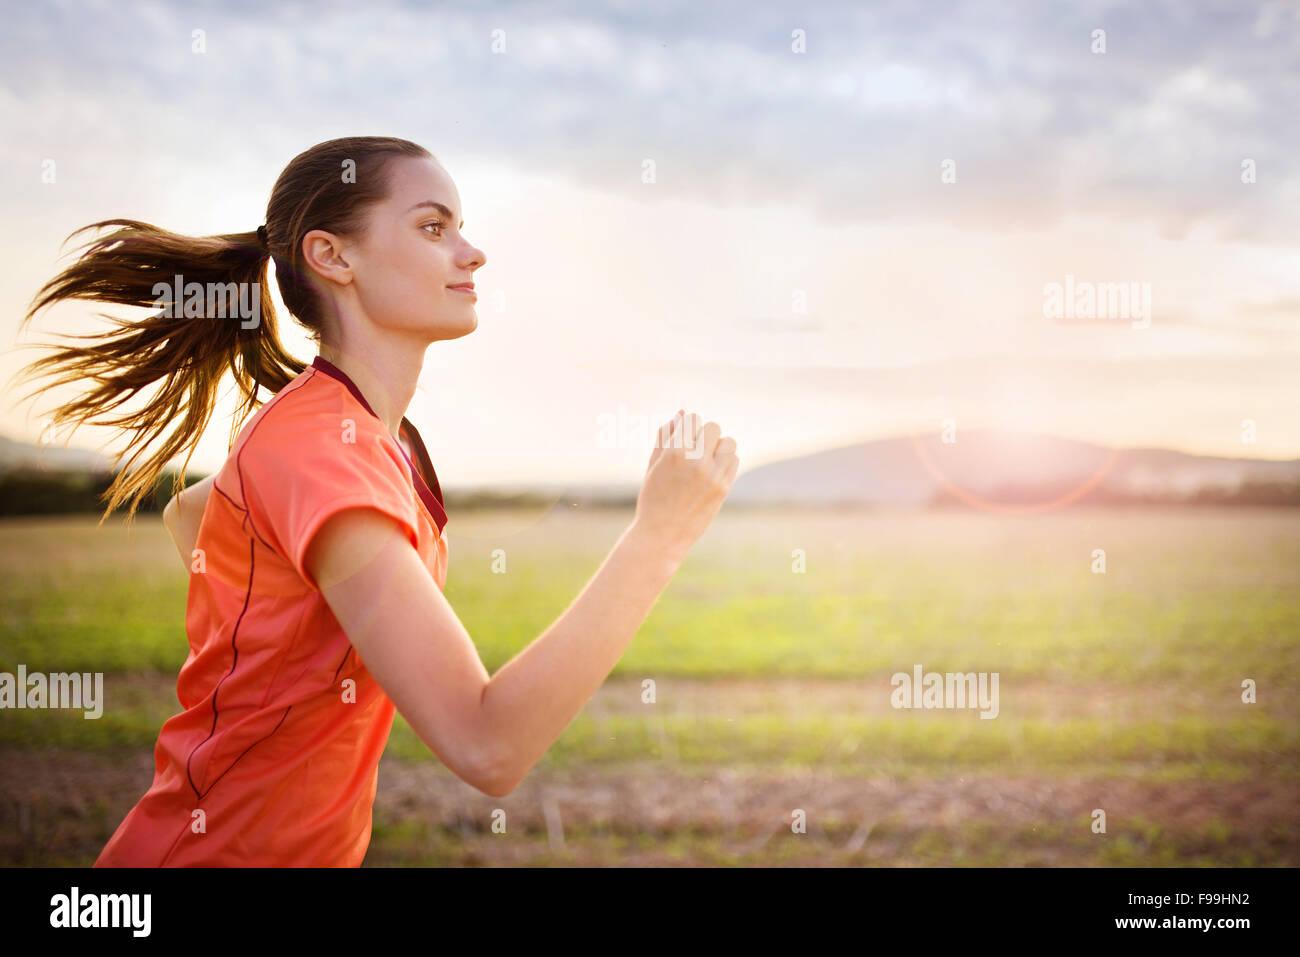 Cross-country trail running femme au coucher du soleil. Runnerwoman l'exercice à l'extérieur dans Photo Stock